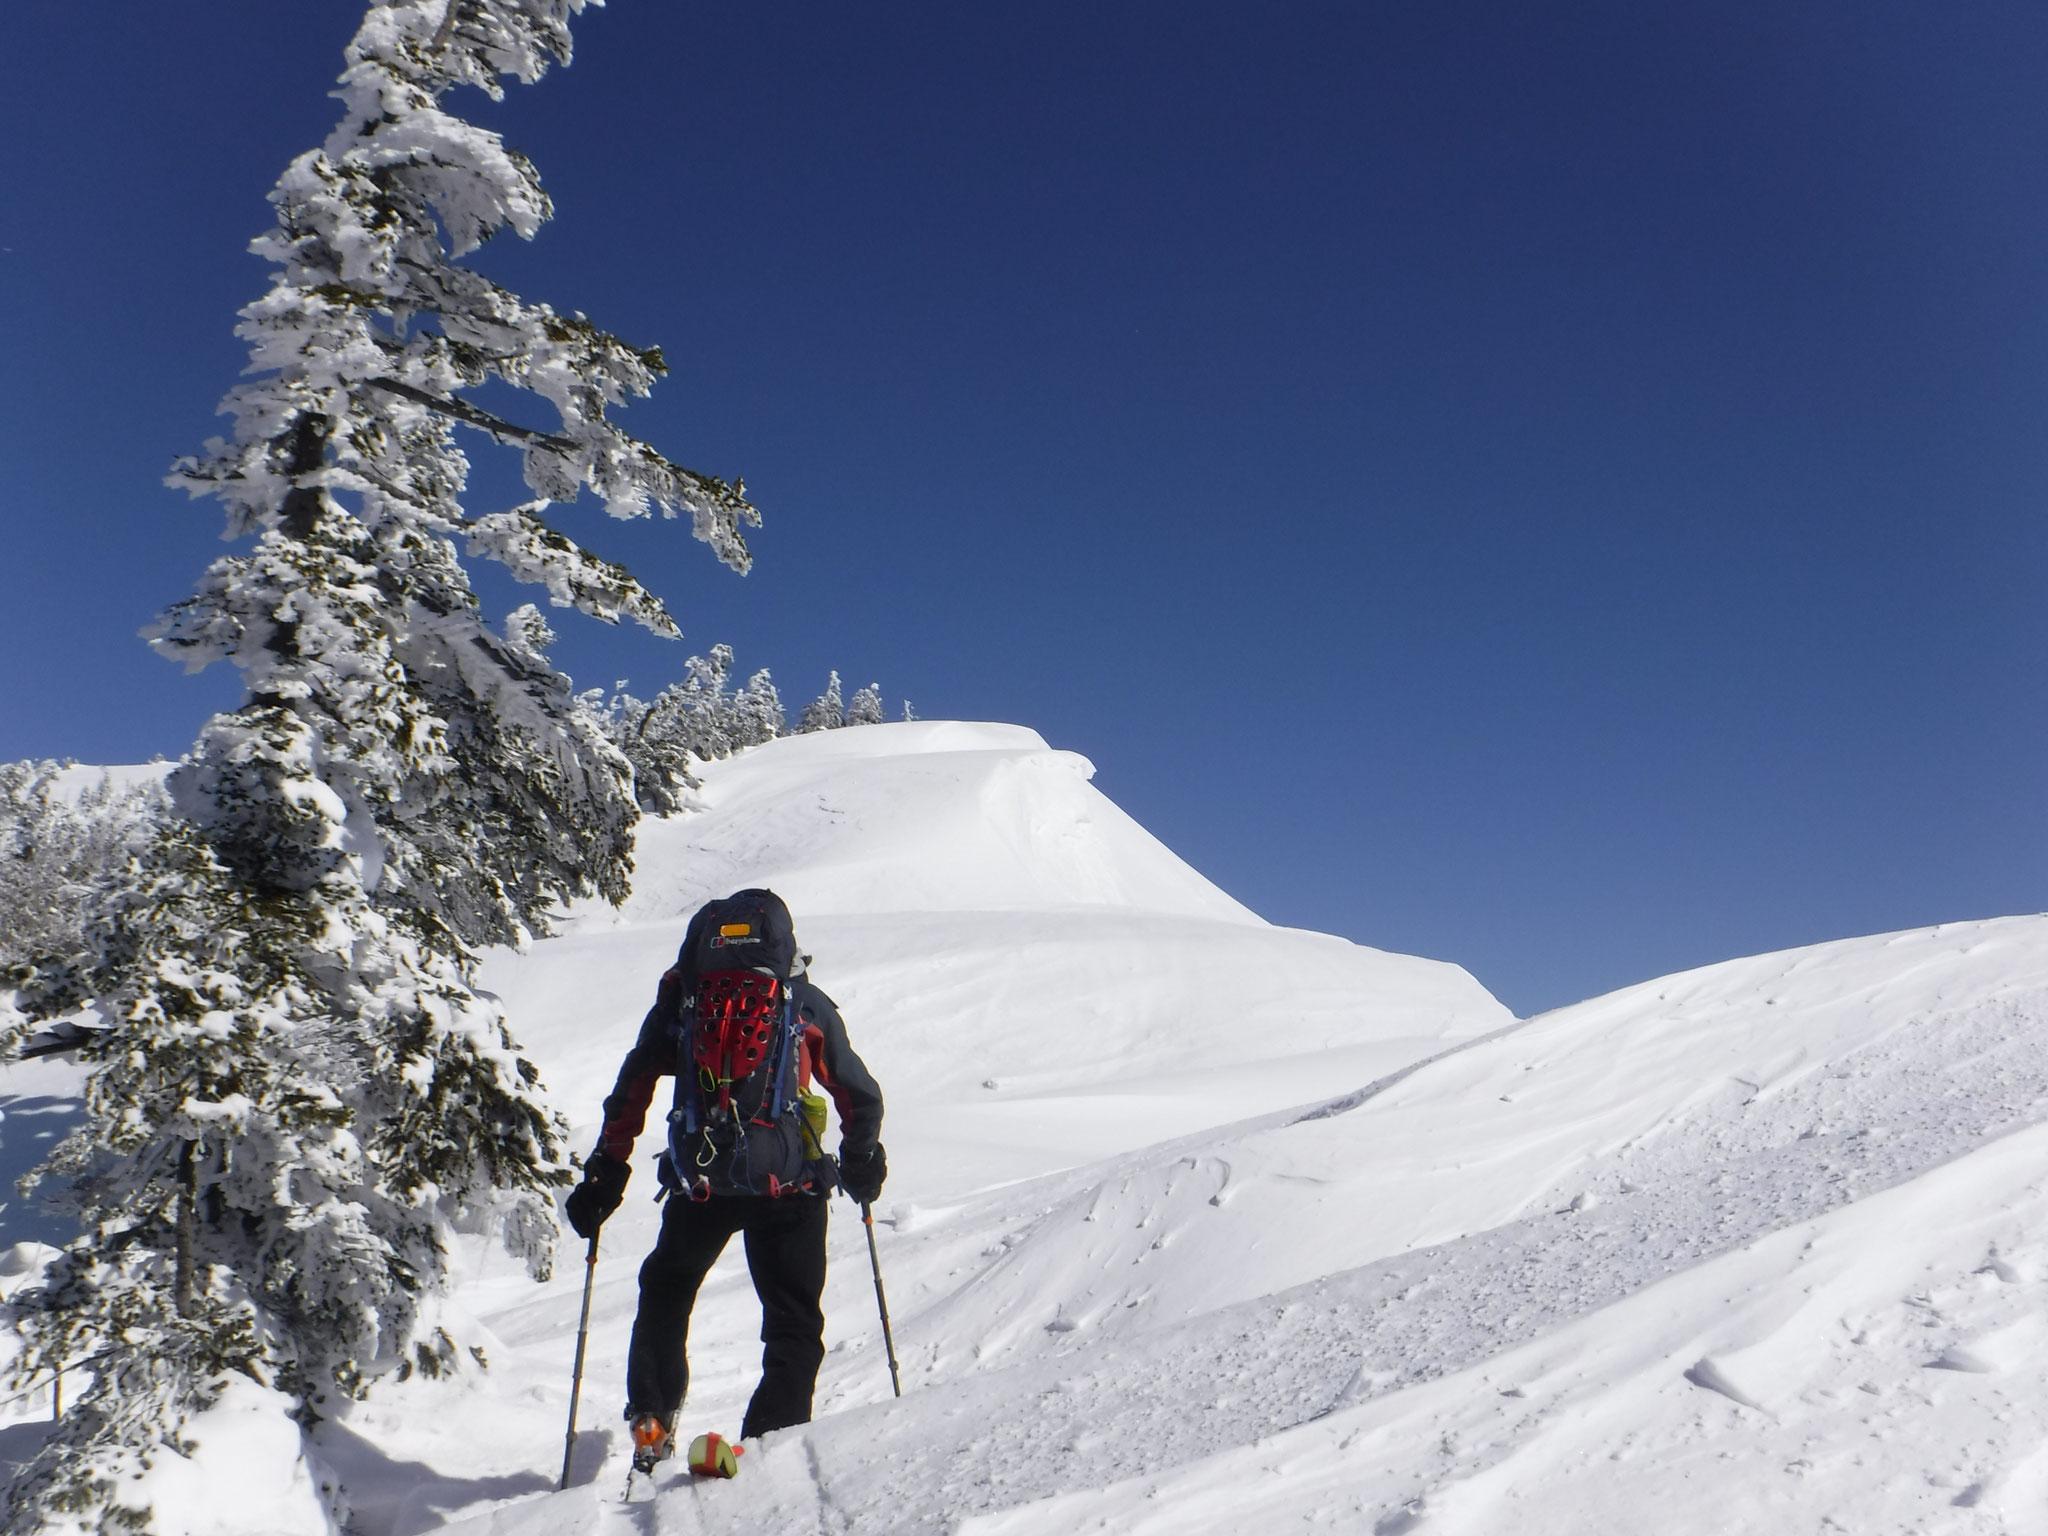 窓明山稜線、上部は雪庇で起伏が大きい